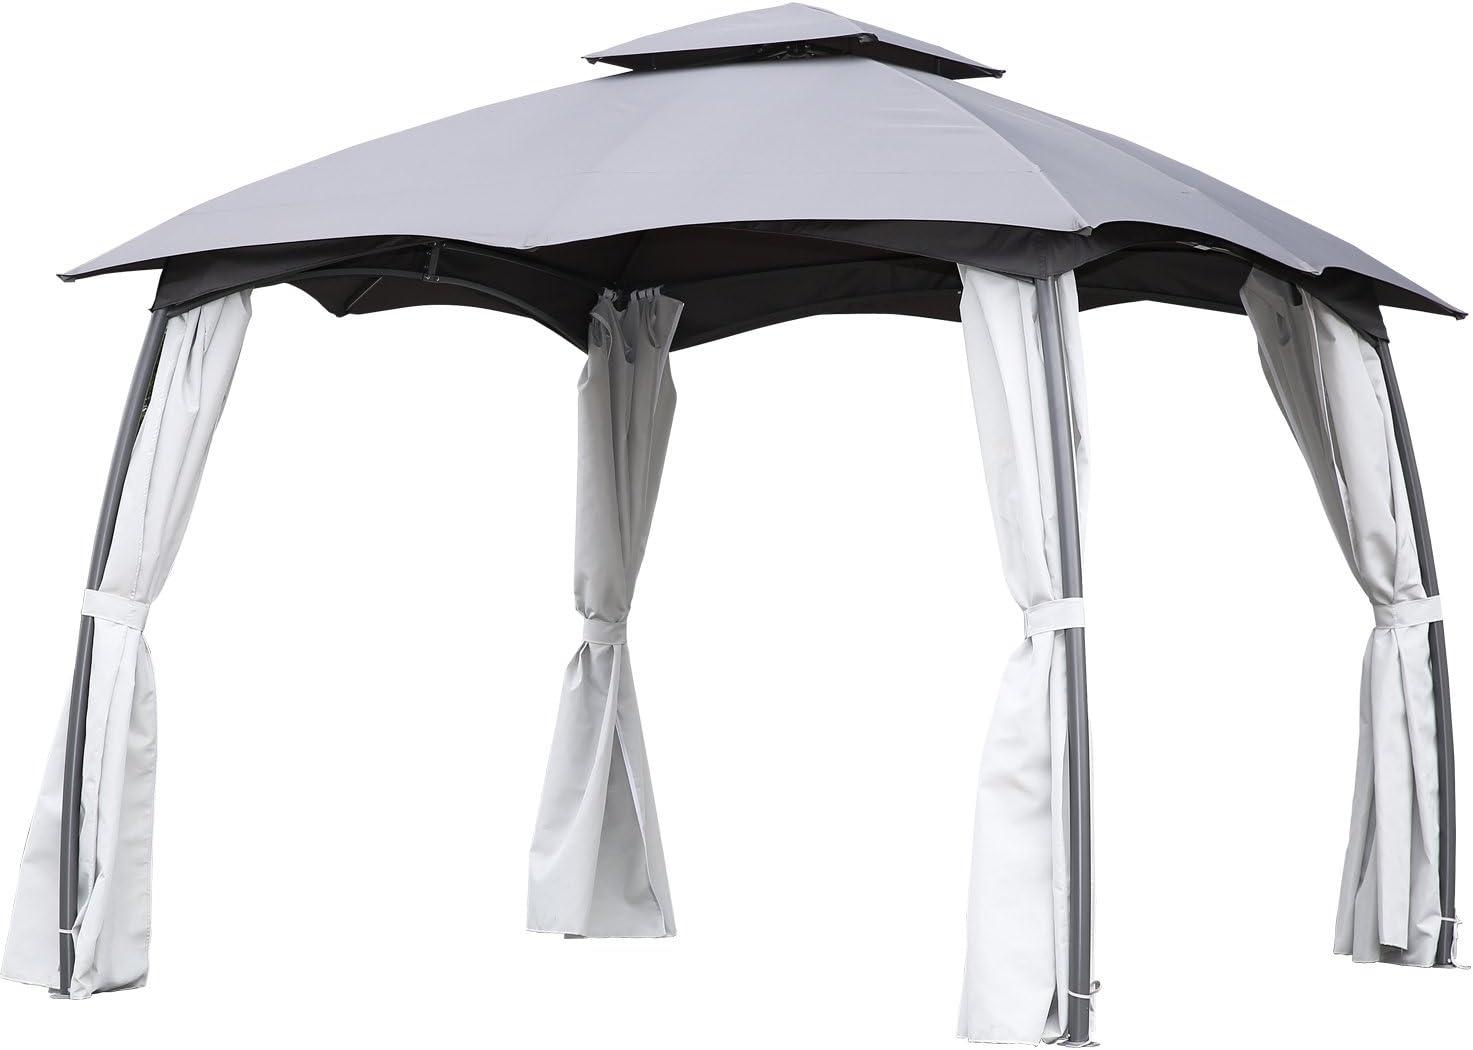 Angel Living Cenador de Acero con Techo al Aire Libre, Pabellón con Diseño Elegante y Estable, Gazebo con Mosquitera de 4 Cremalleras para Fiesta (3X3 m)